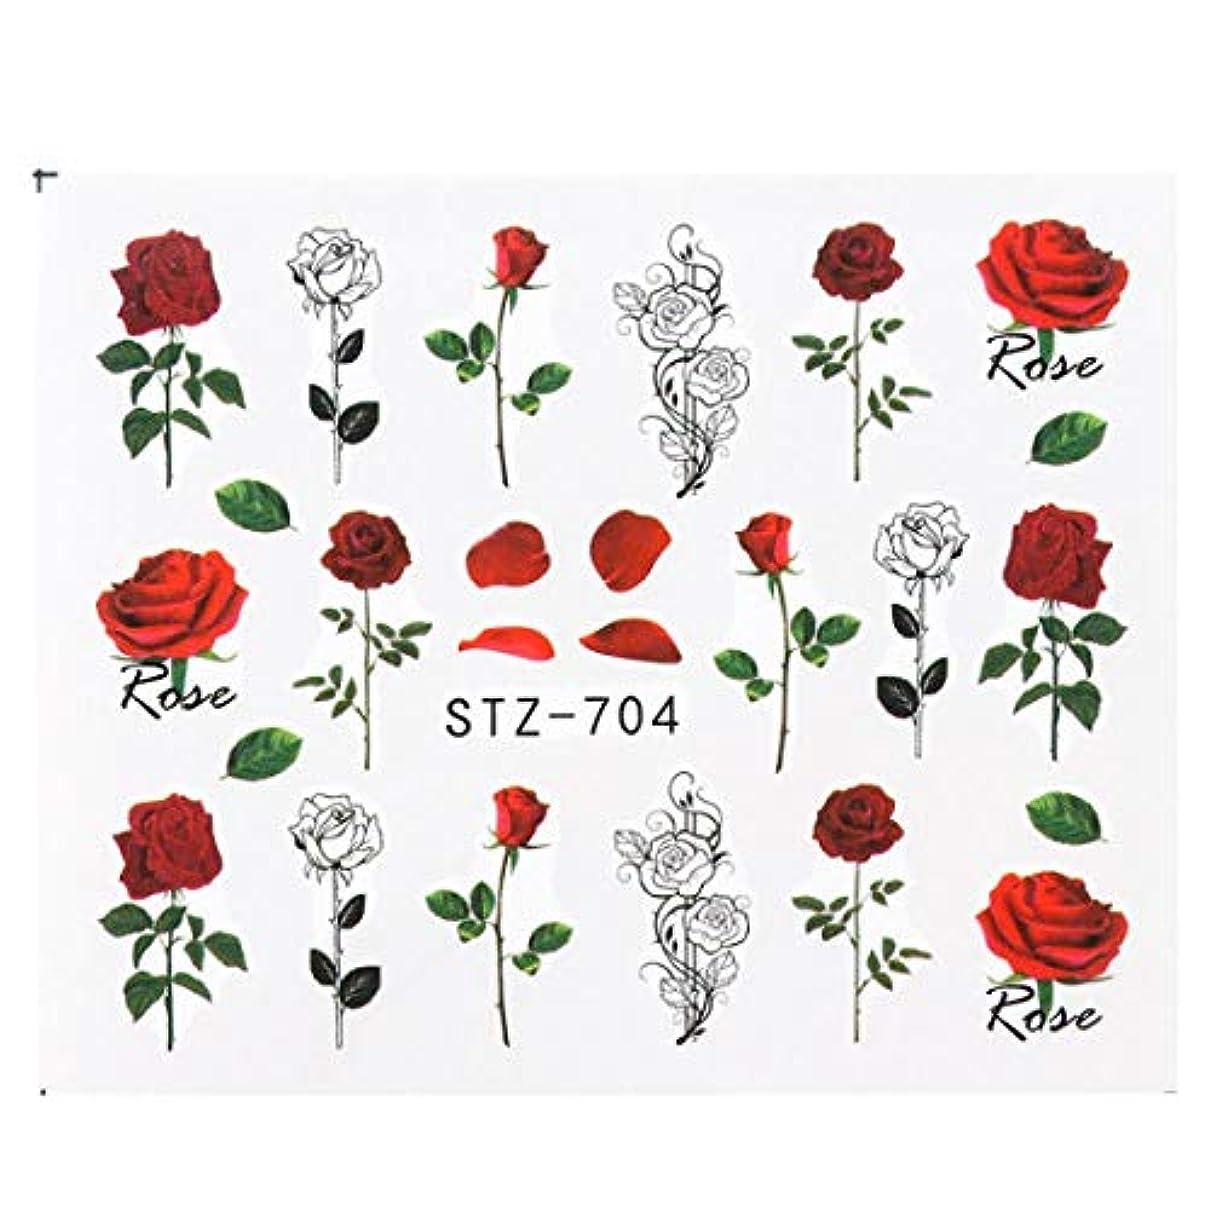 に沿って服を洗う宿るSUKTI&XIAO ネイルステッカー ネイルアート転送タトゥーフラミンゴリーフジェルマニキュア接着剤の装飾、Stz704のための1個の花のスライダーウォーターステッカーデカール